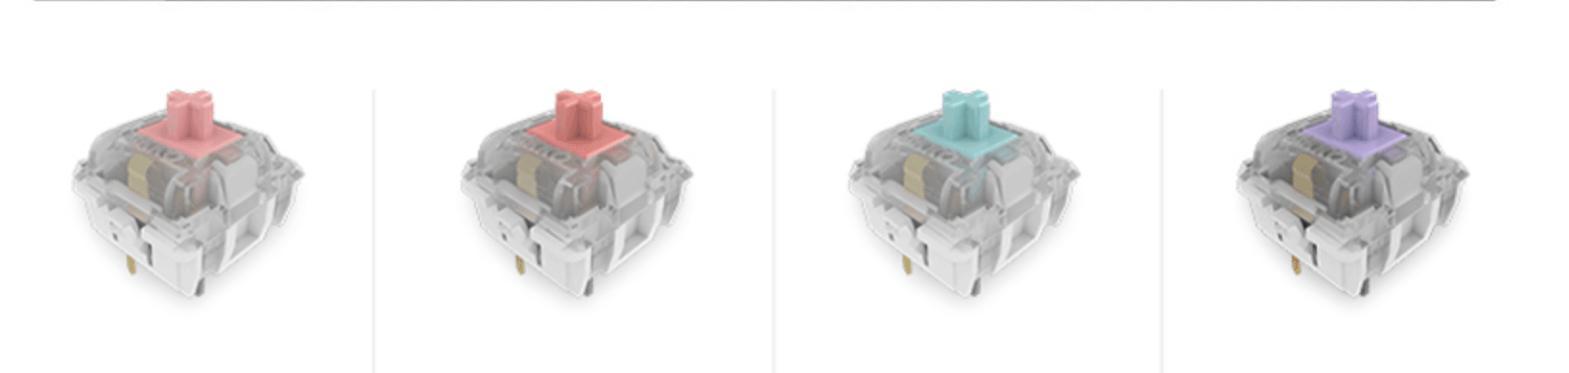 Bàn phím AKKO 3087 Dragon Ball Z Goku (Akko Switch Orange) sử dụng switch Akko cao cấp